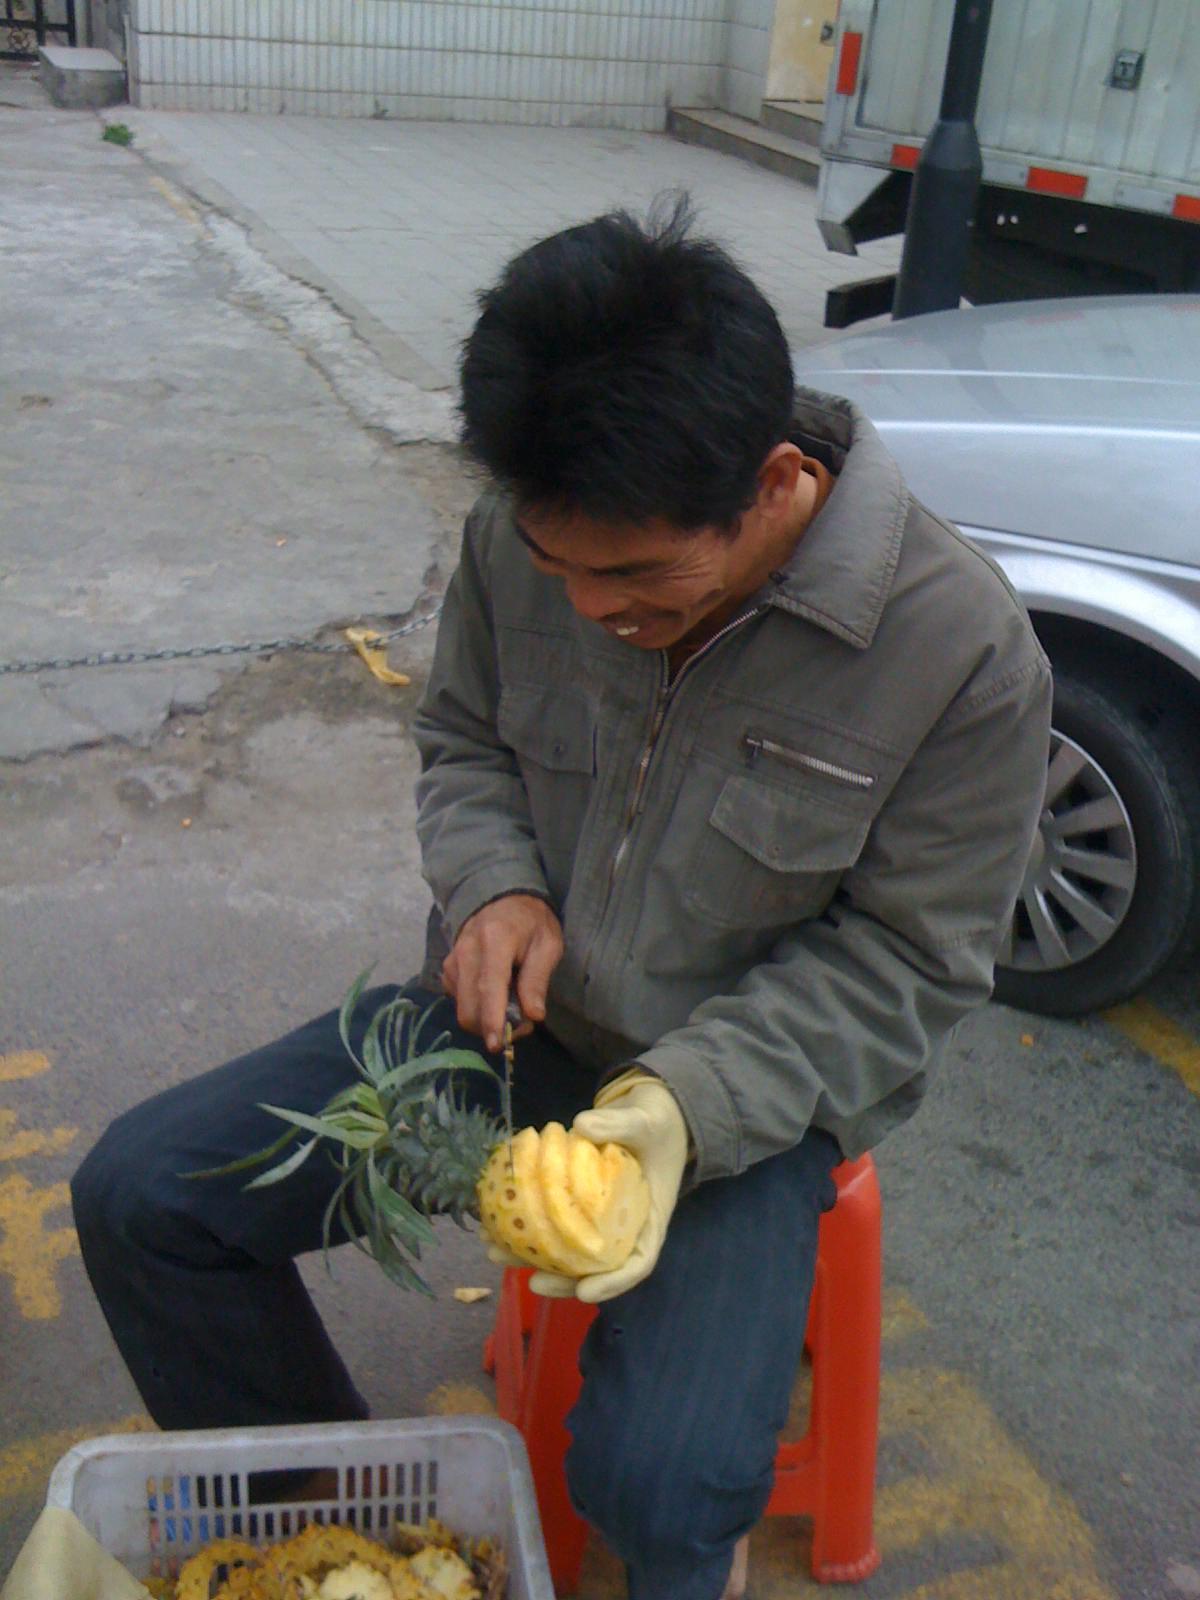 中国のパイナップル螺旋加工職人による芸術